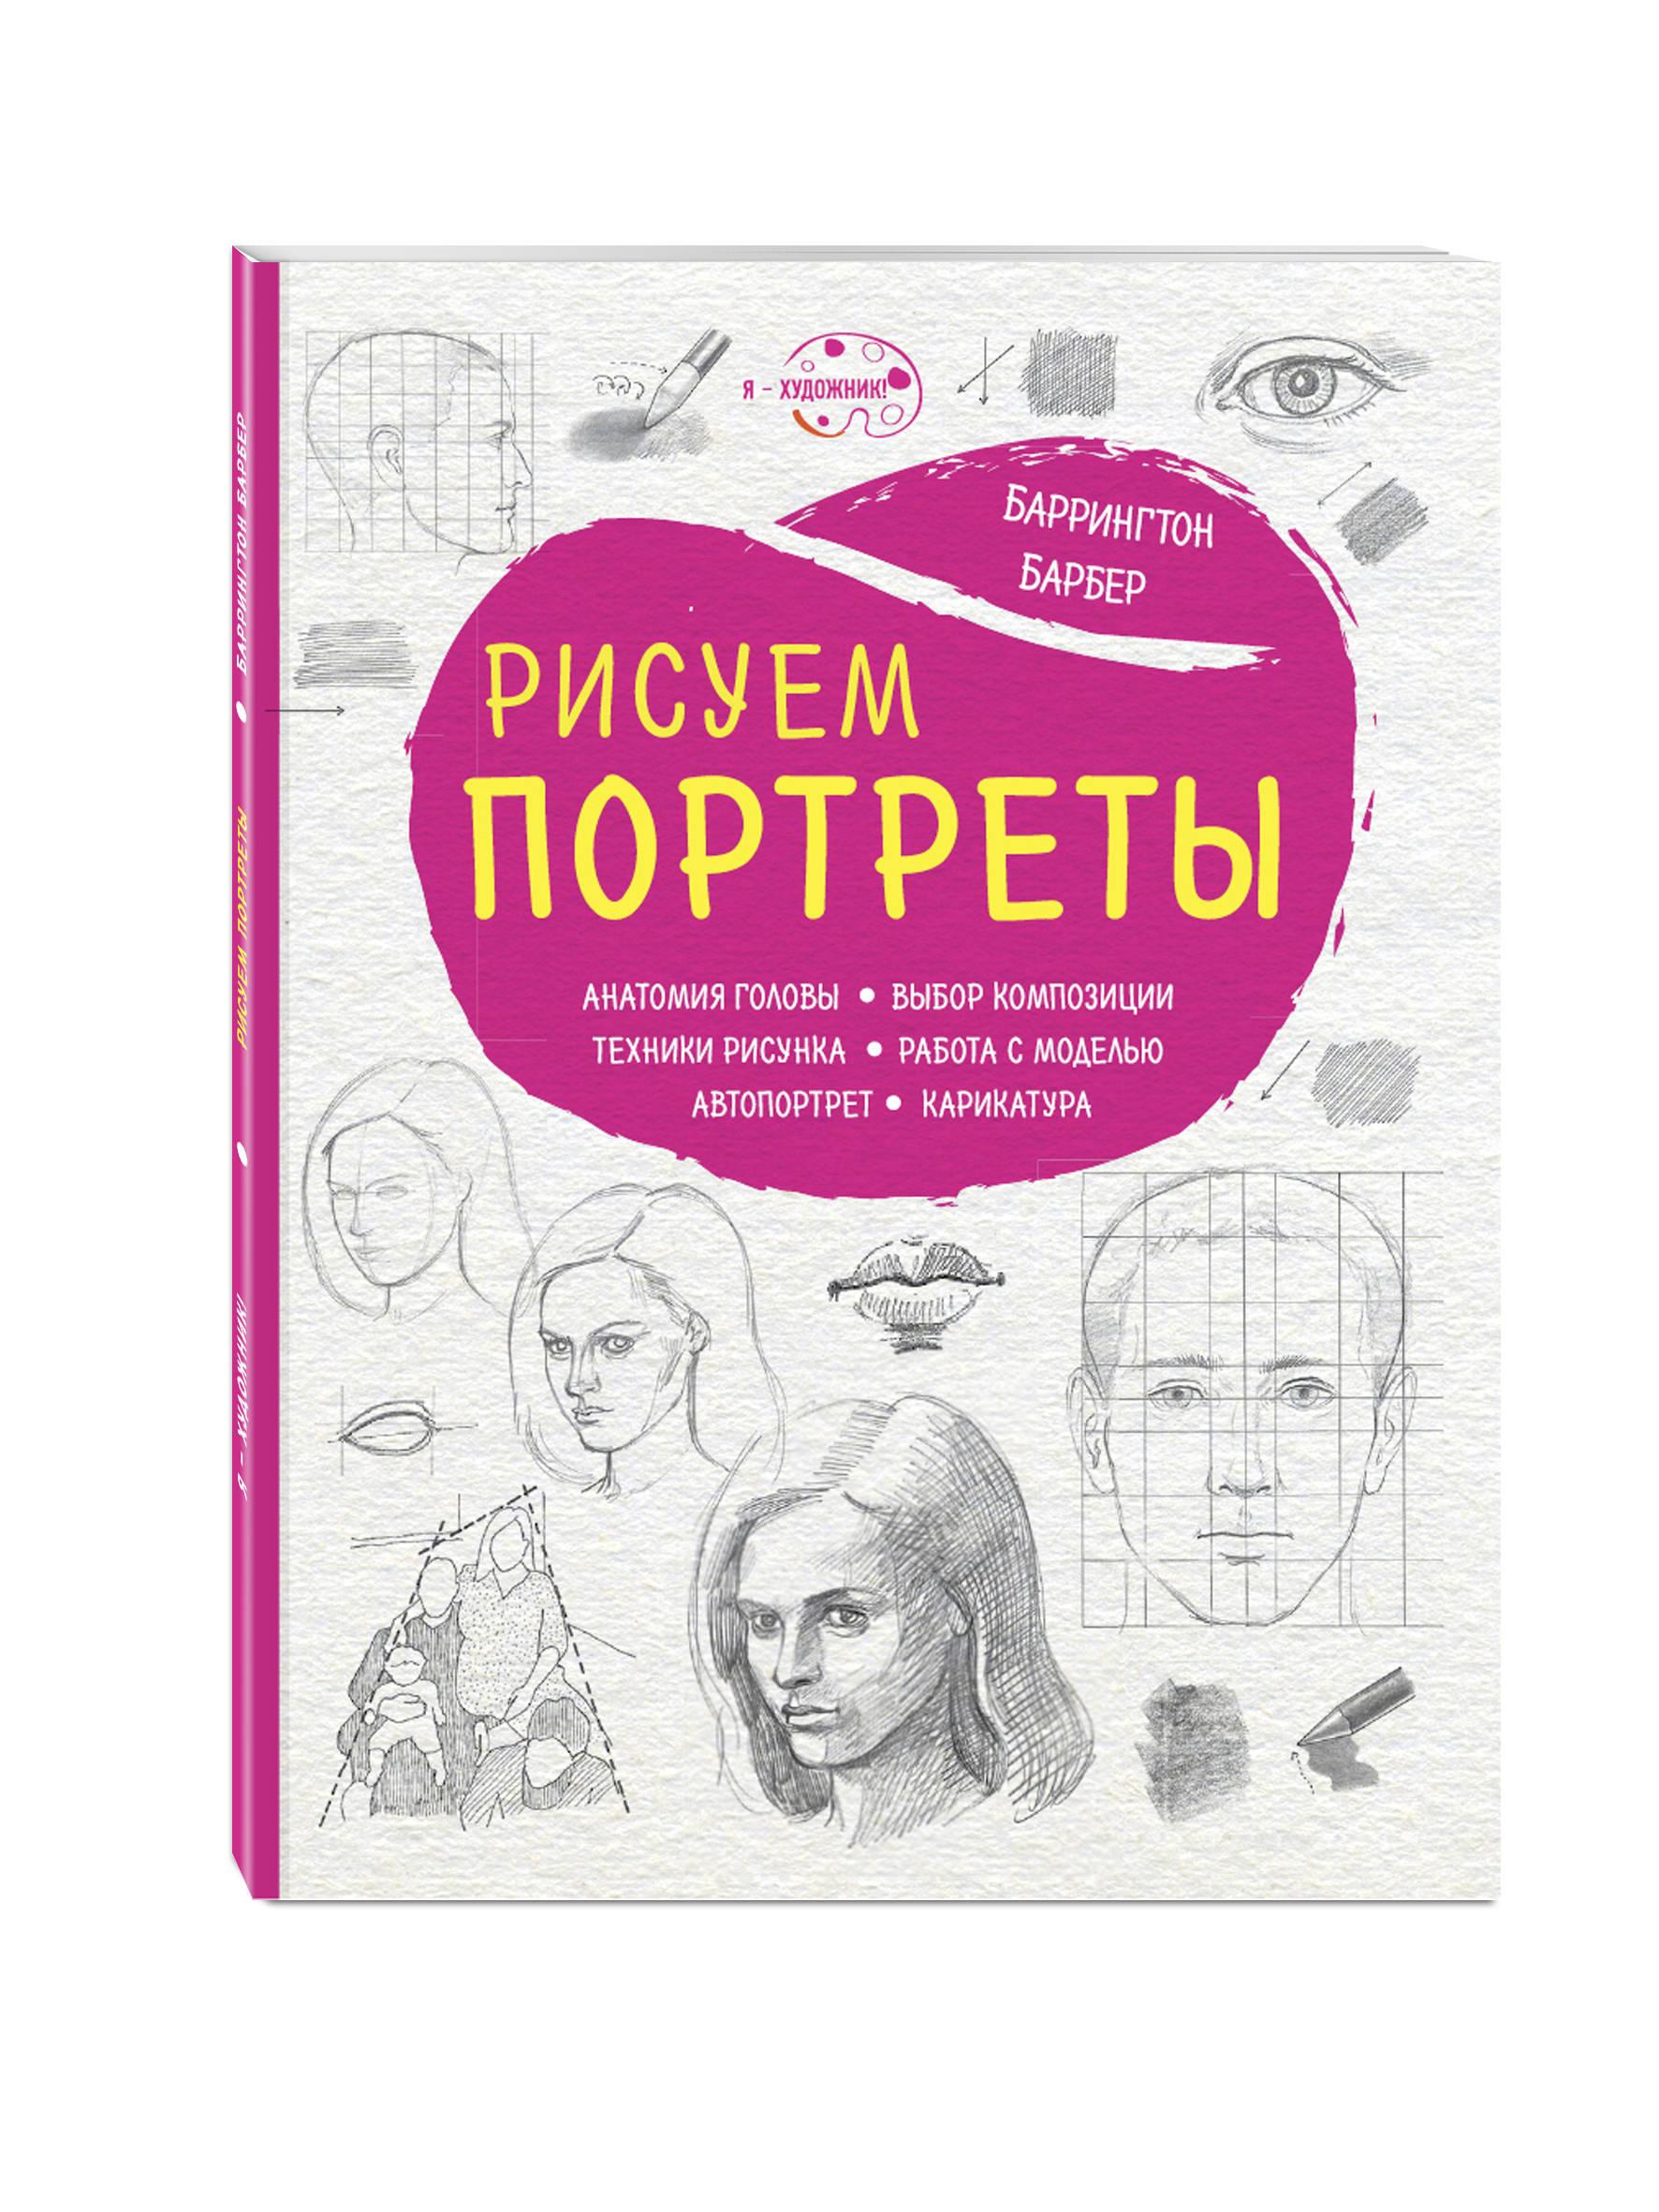 Рисуем портреты (нов. оф.)